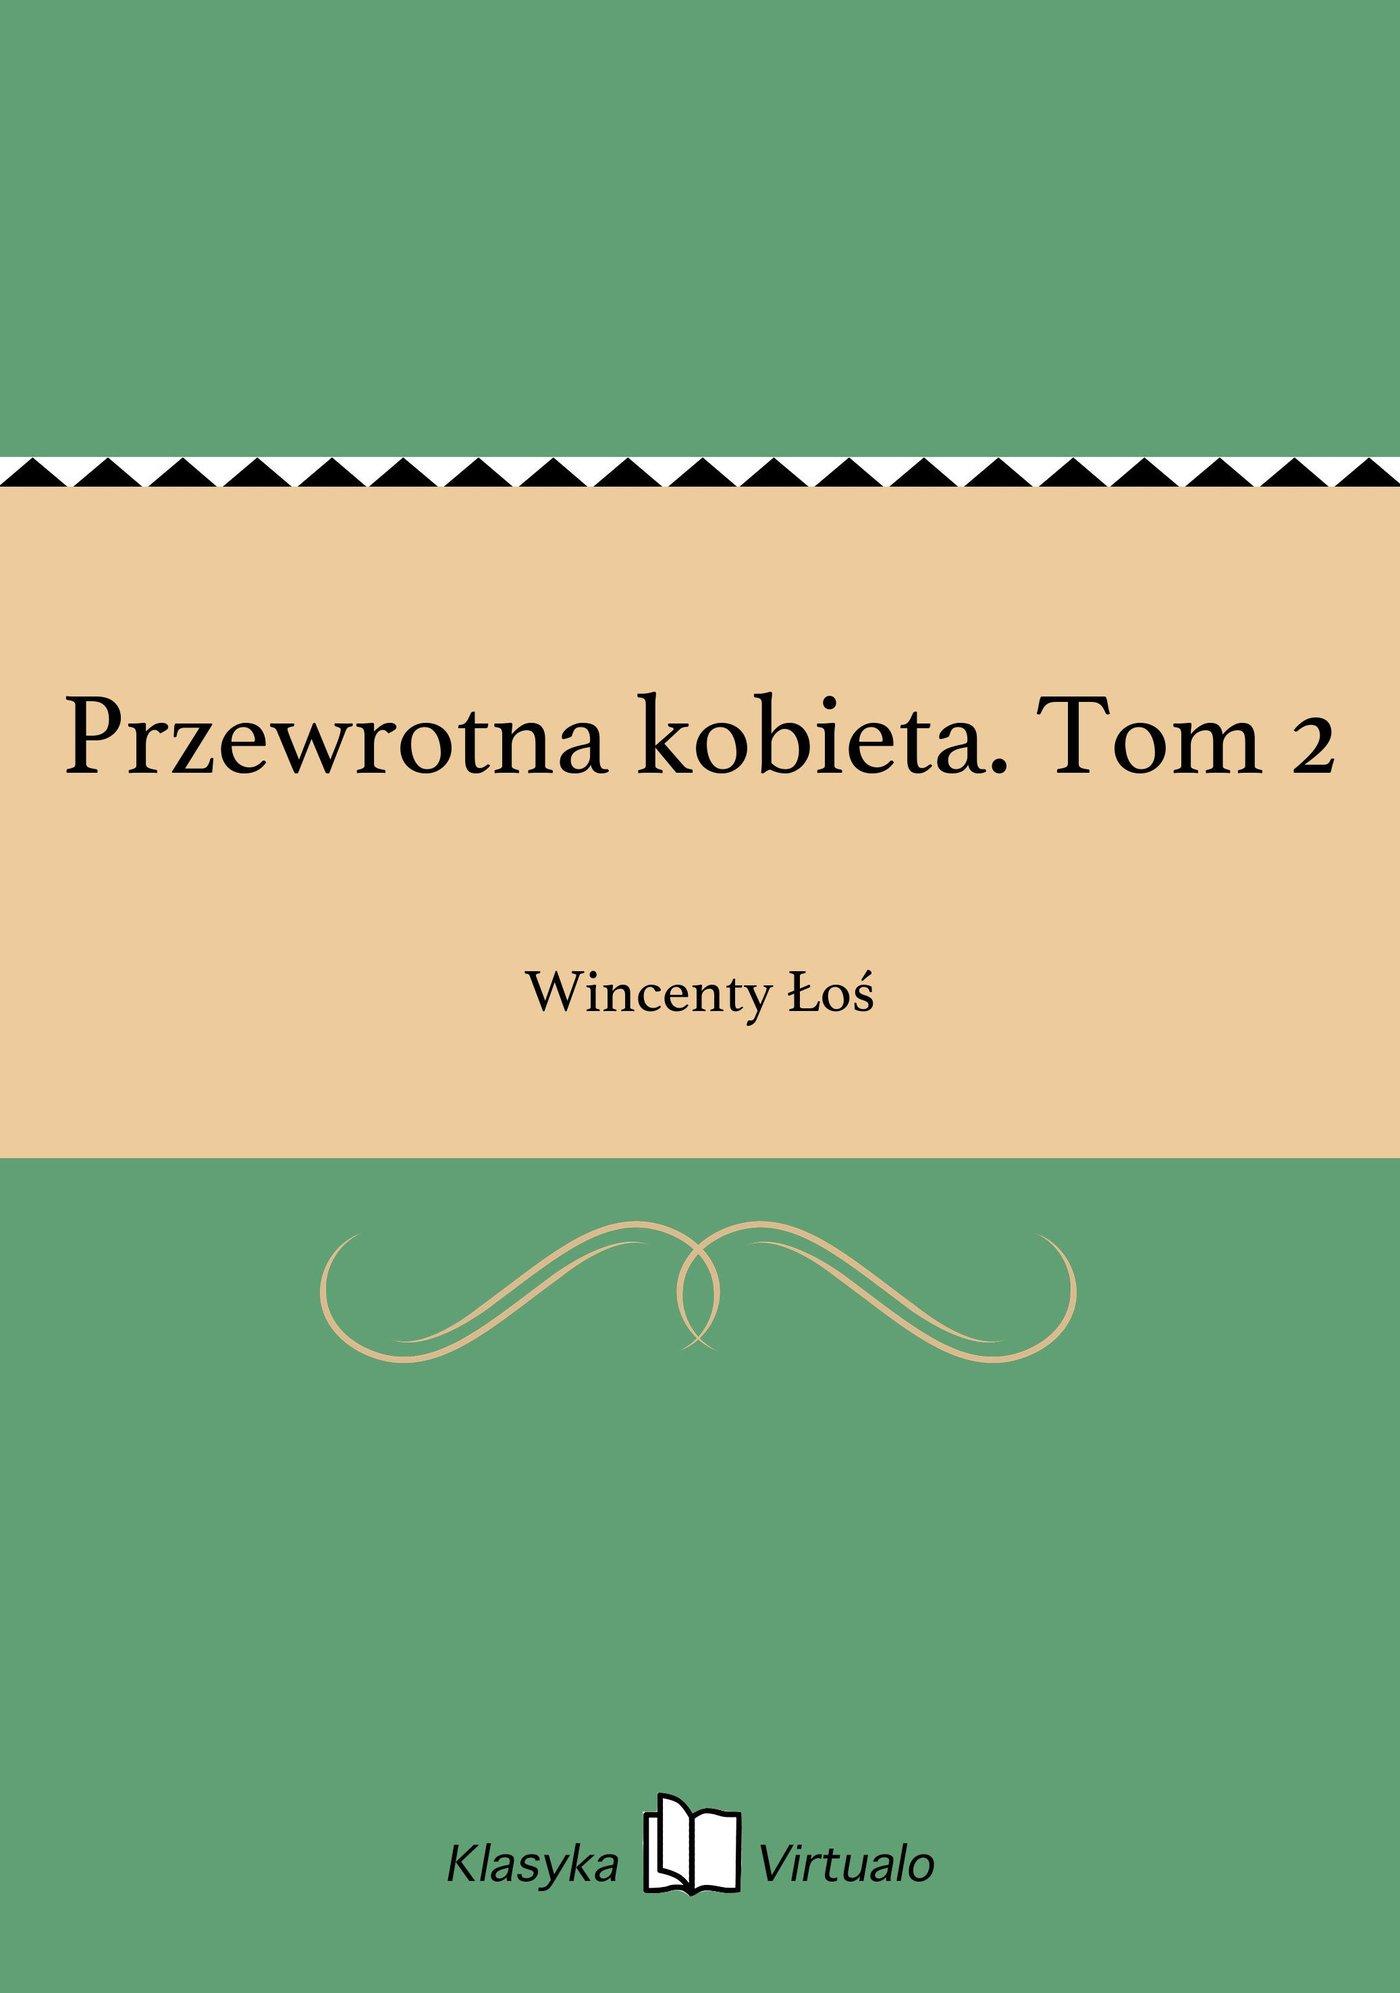 Przewrotna kobieta. Tom 2 - Ebook (Książka EPUB) do pobrania w formacie EPUB